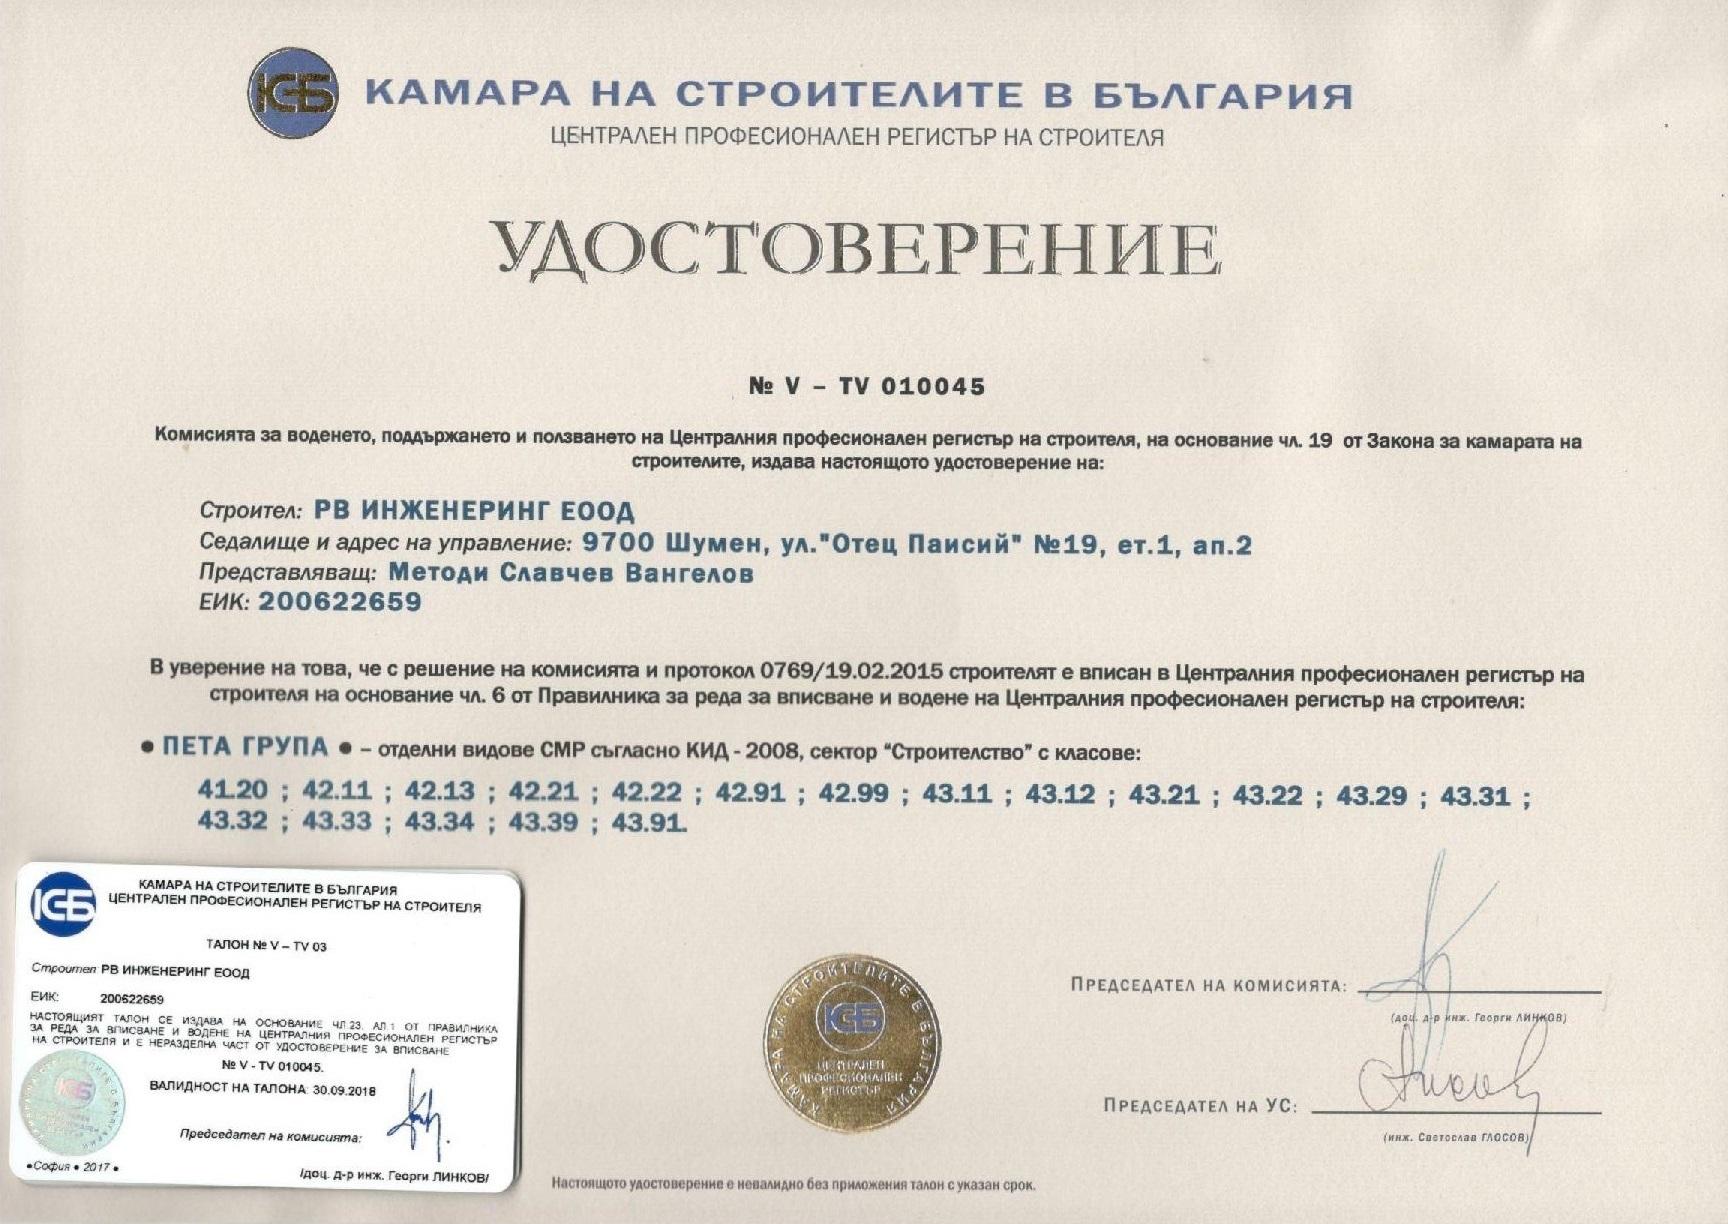 Удостоверение № V - TV 010045